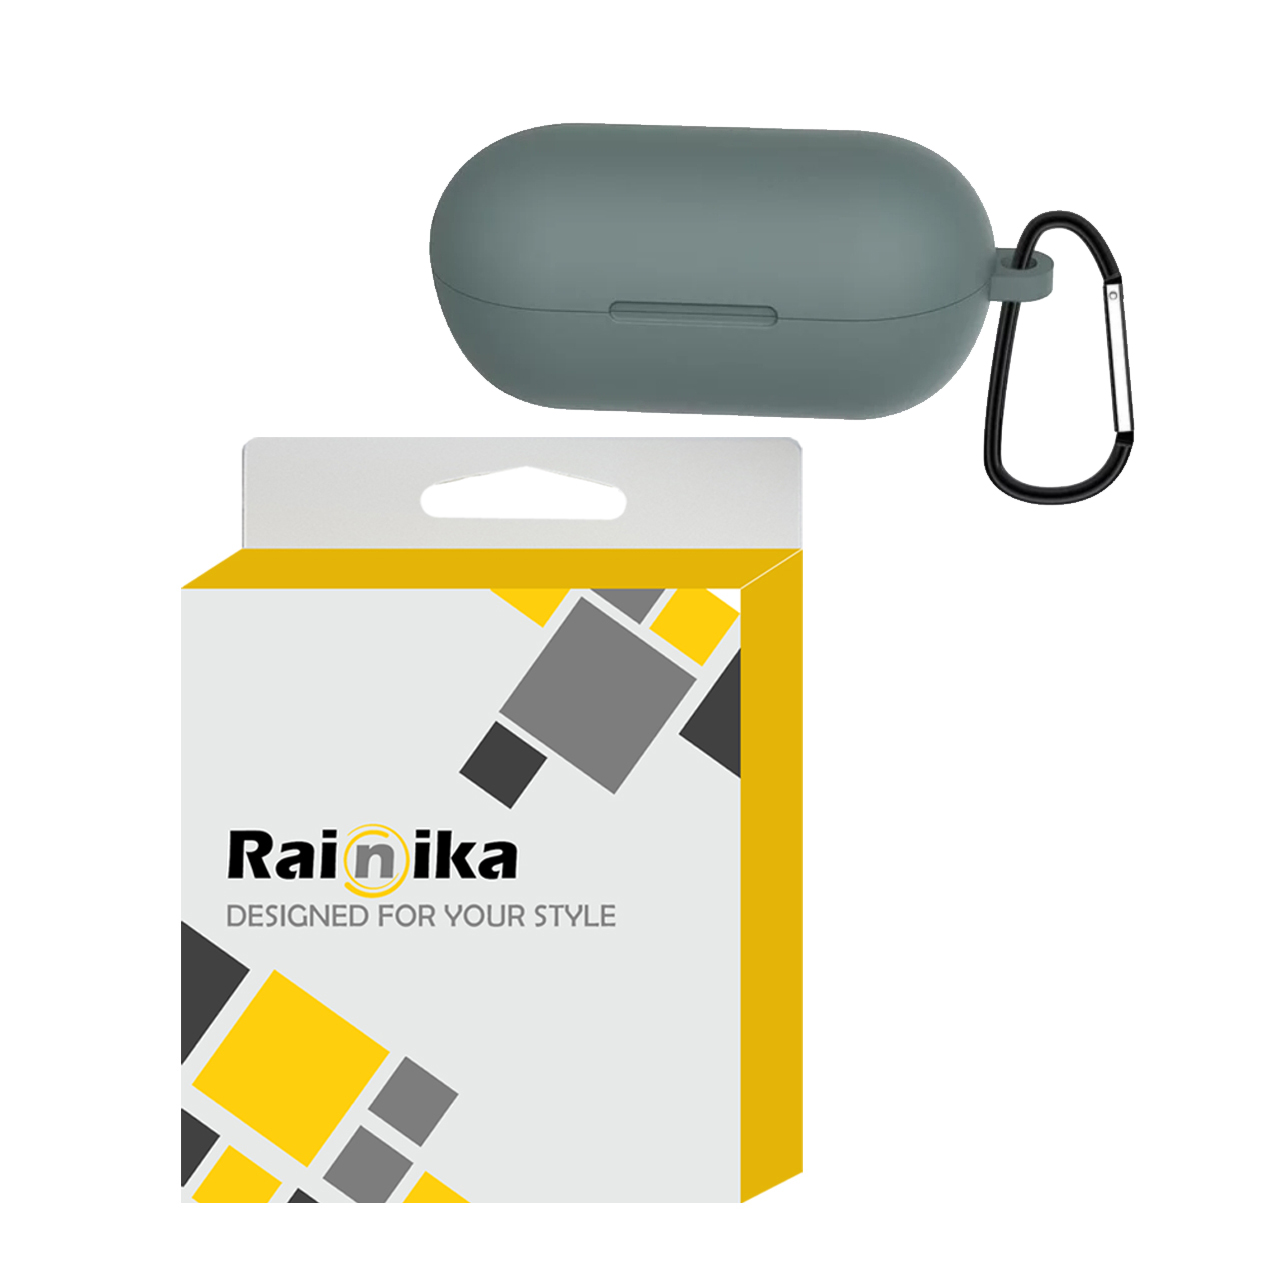 کاور رینیکا کد g1  مناسب برای کیس هایلو GT1